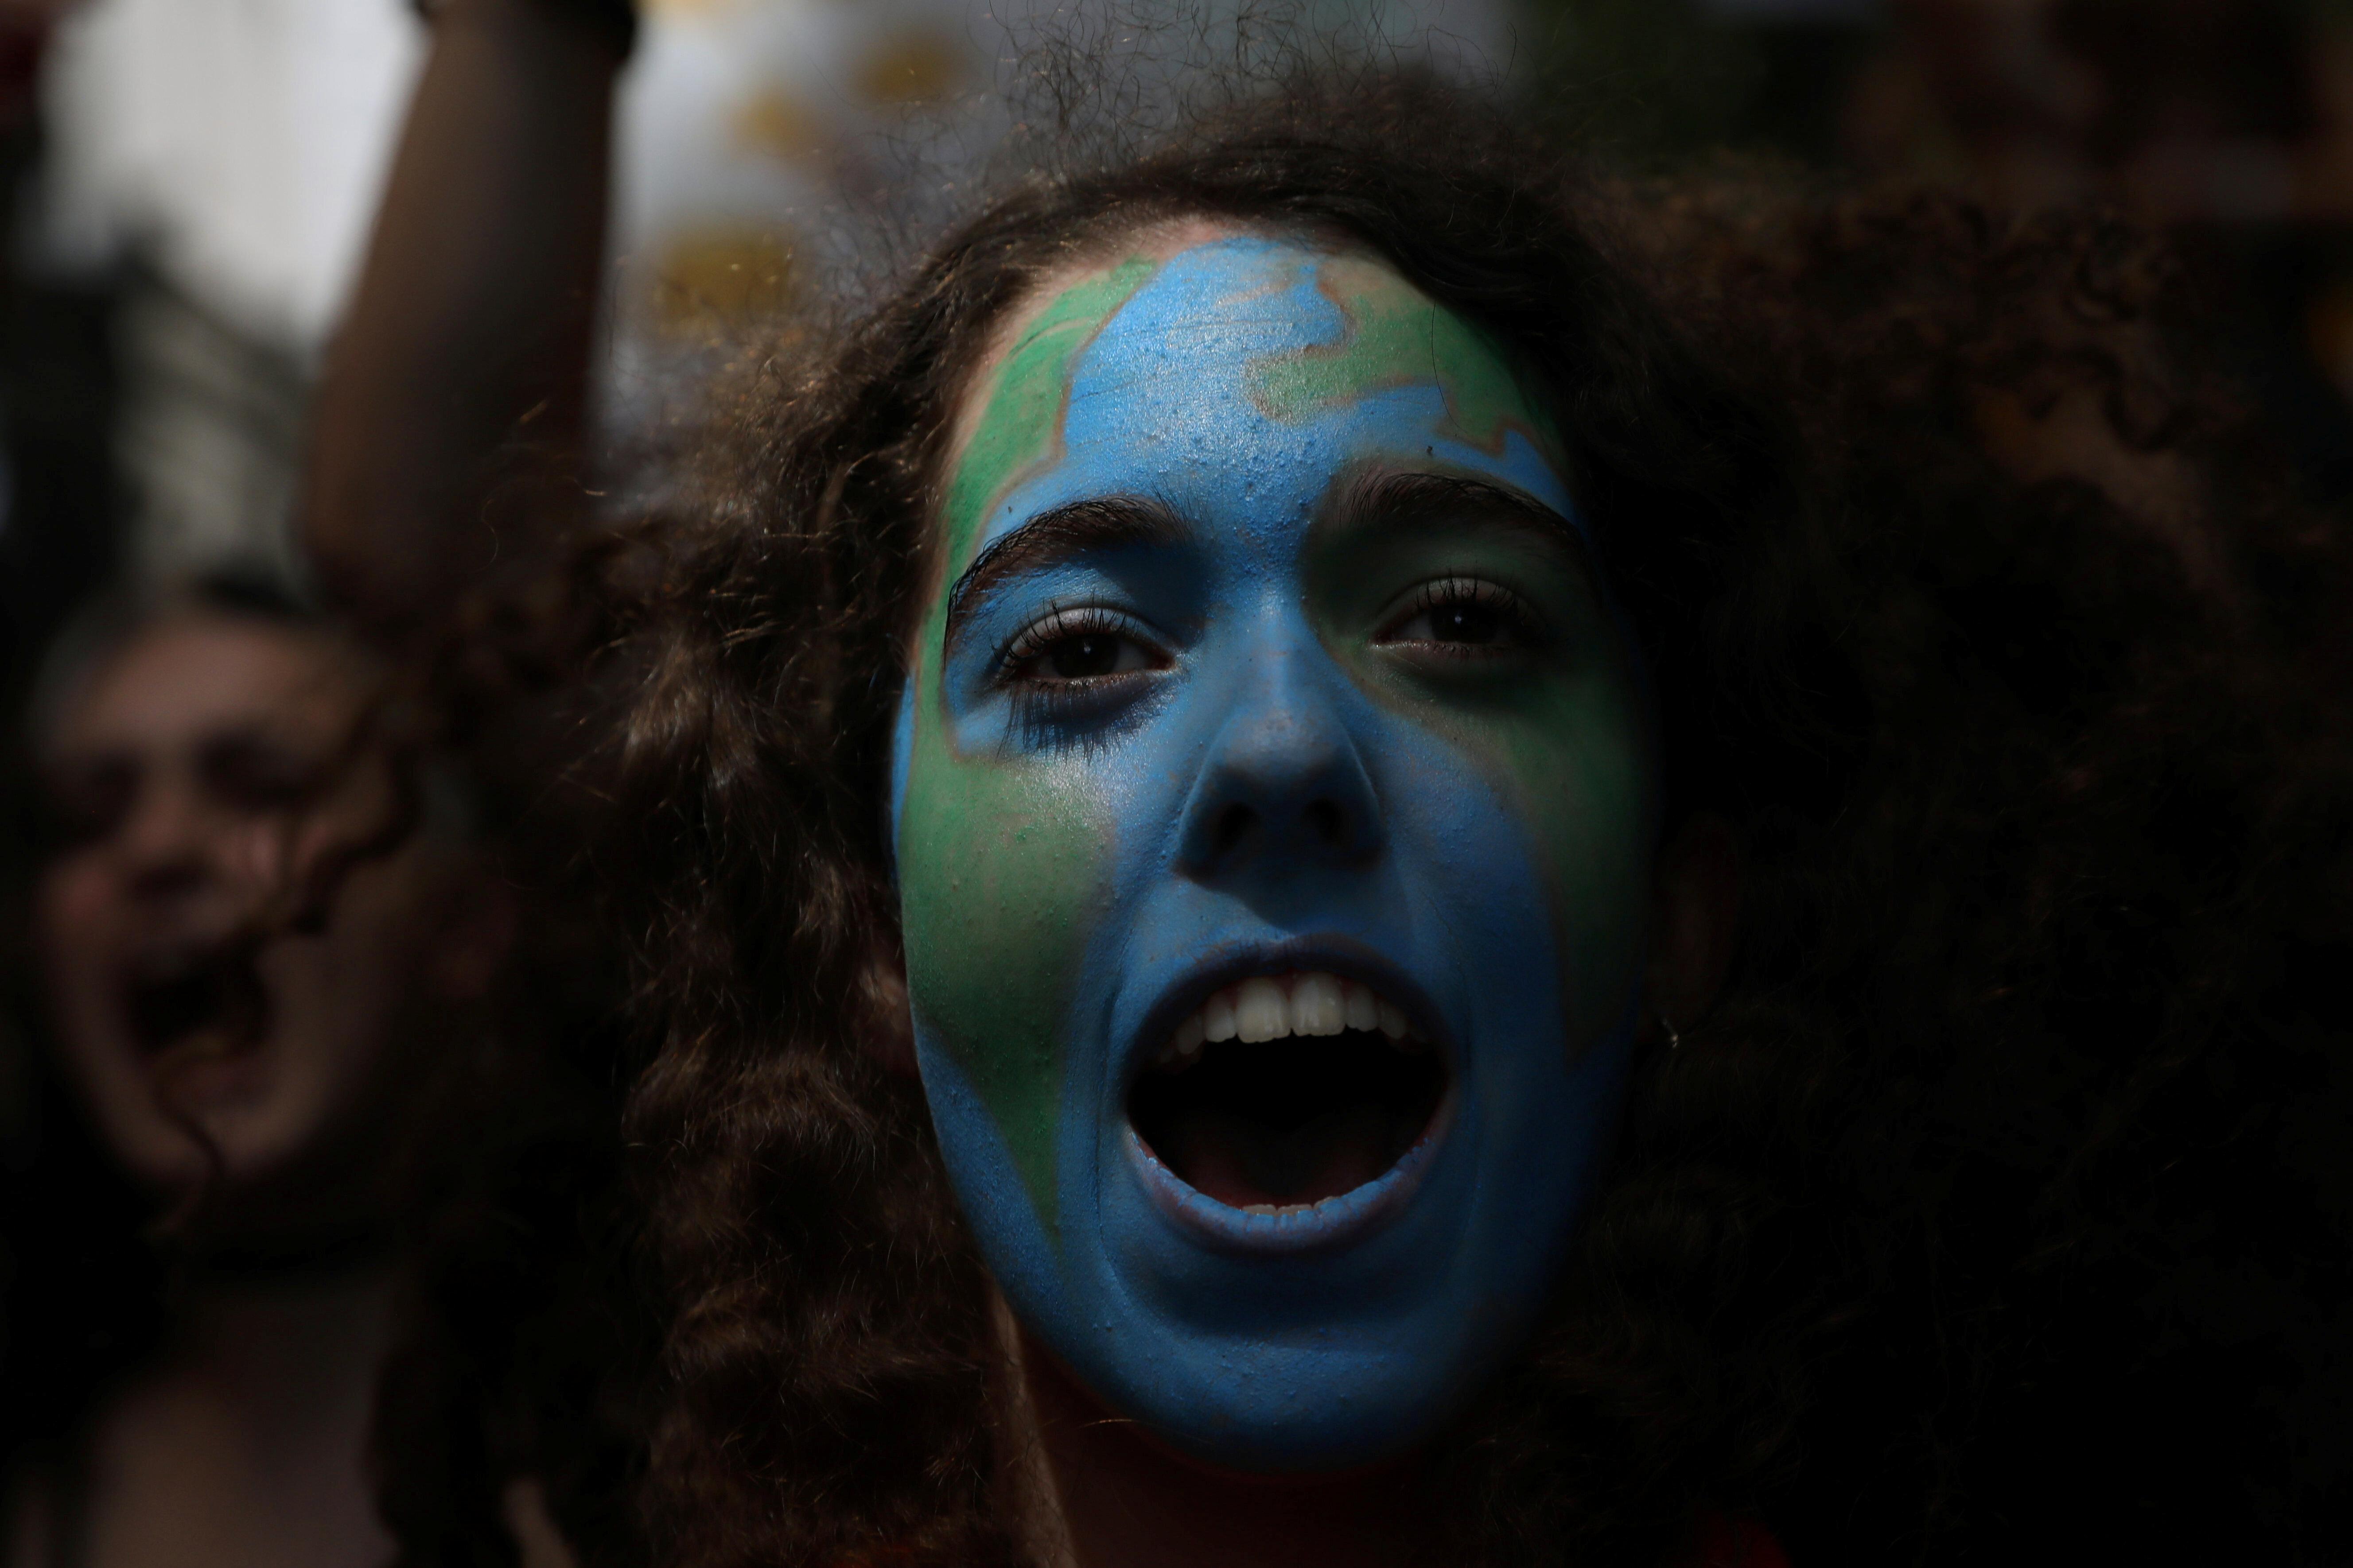 Decenas de miles de jóvenes de más de 100 países reprochan a los políticos su inacción contra el cambio climático